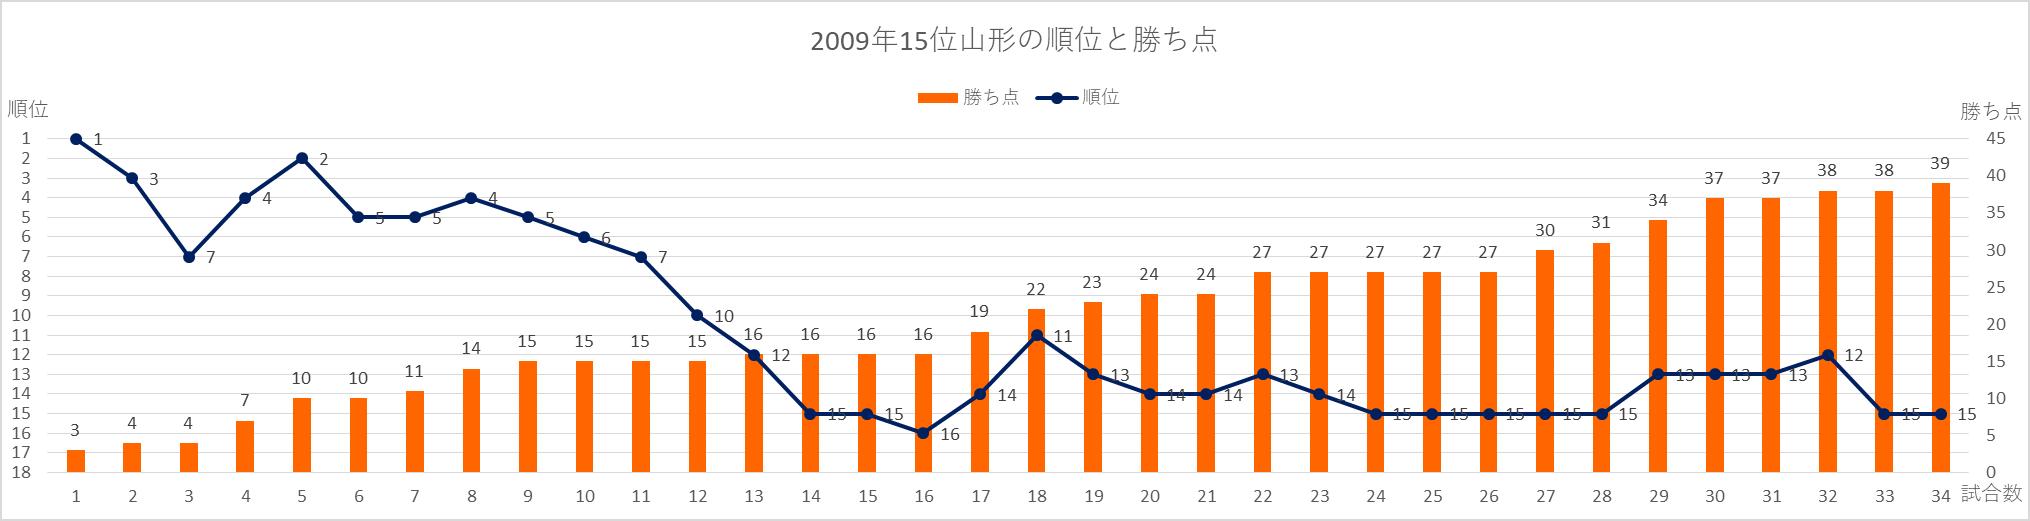 2009年15位山形の順位と勝ち点の推移